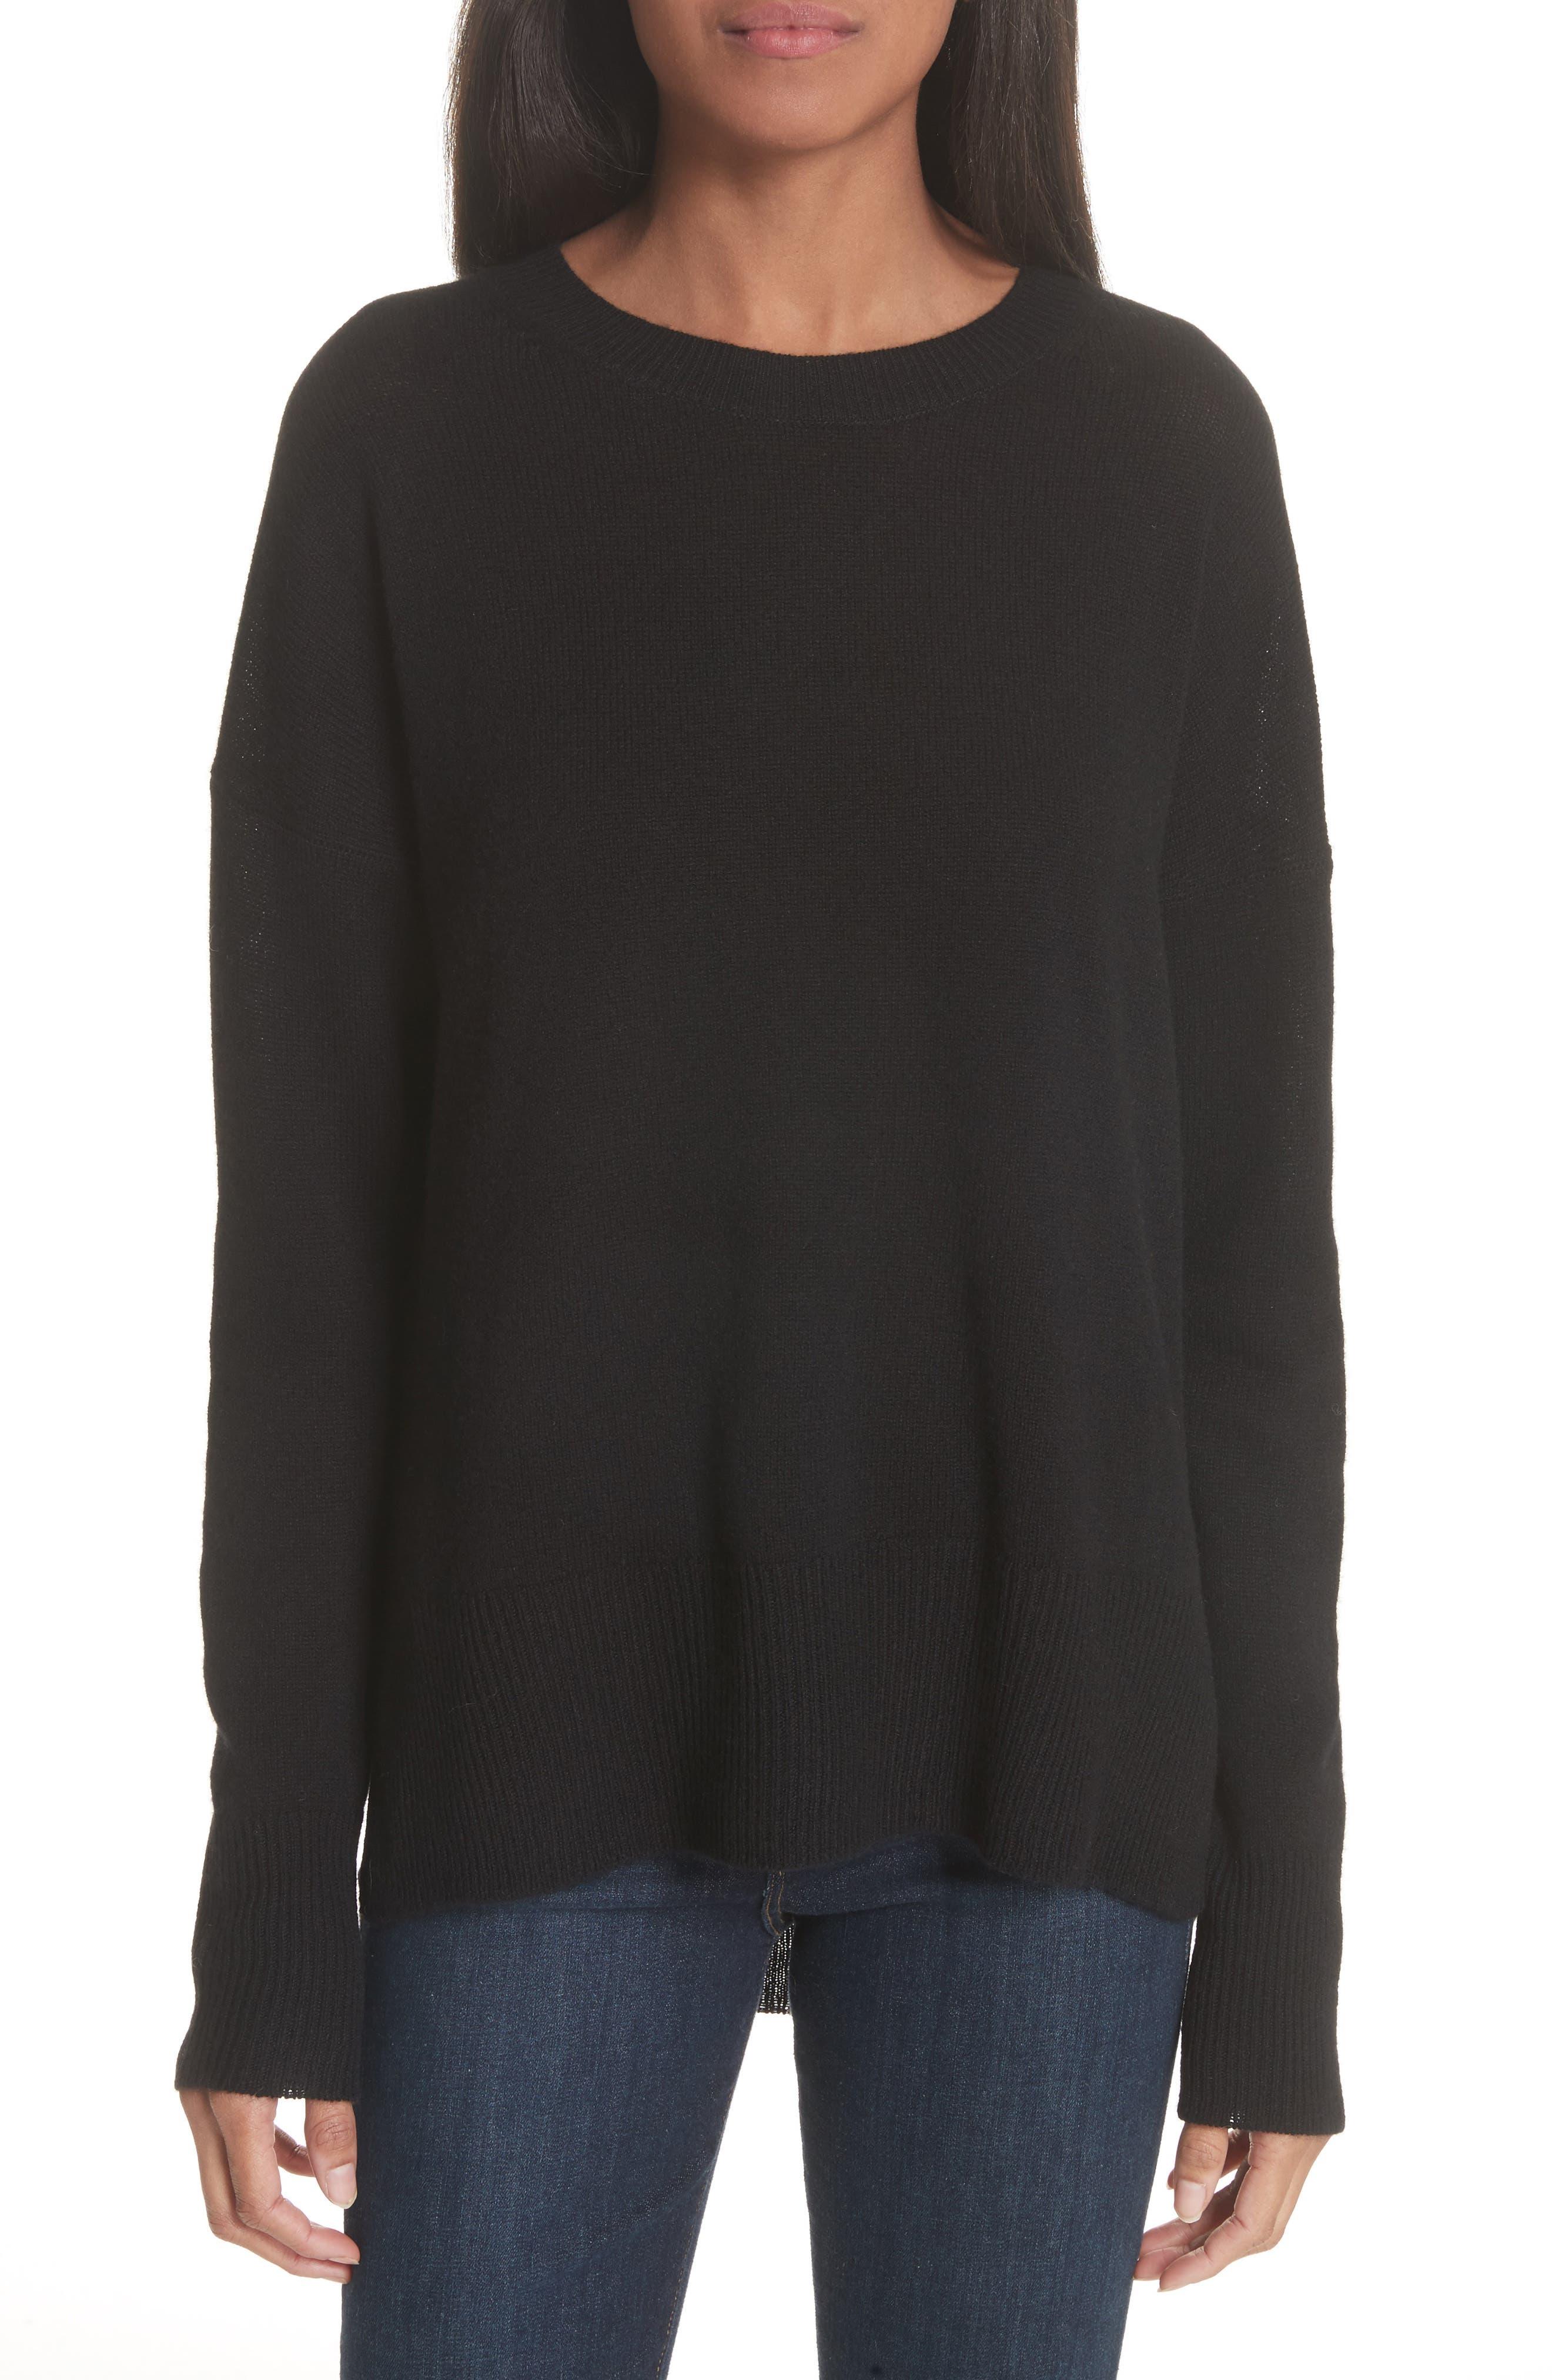 Karenia L Cashmere Sweater,                             Main thumbnail 1, color,                             Black